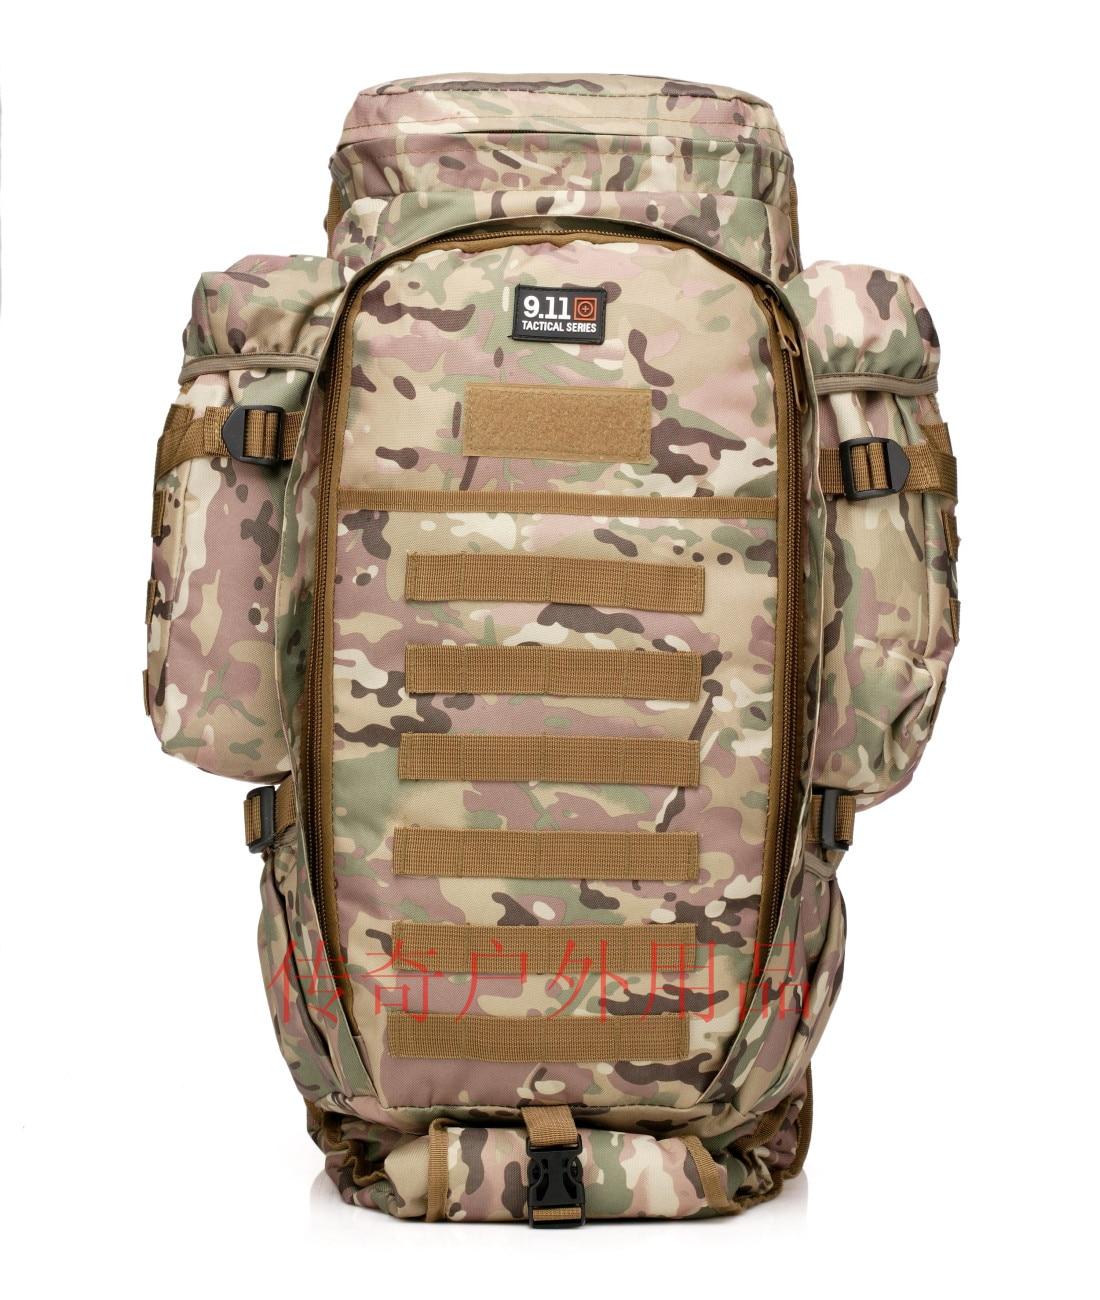 Aliexpress.com : Buy Men's outdoor multifunctional tactical ...